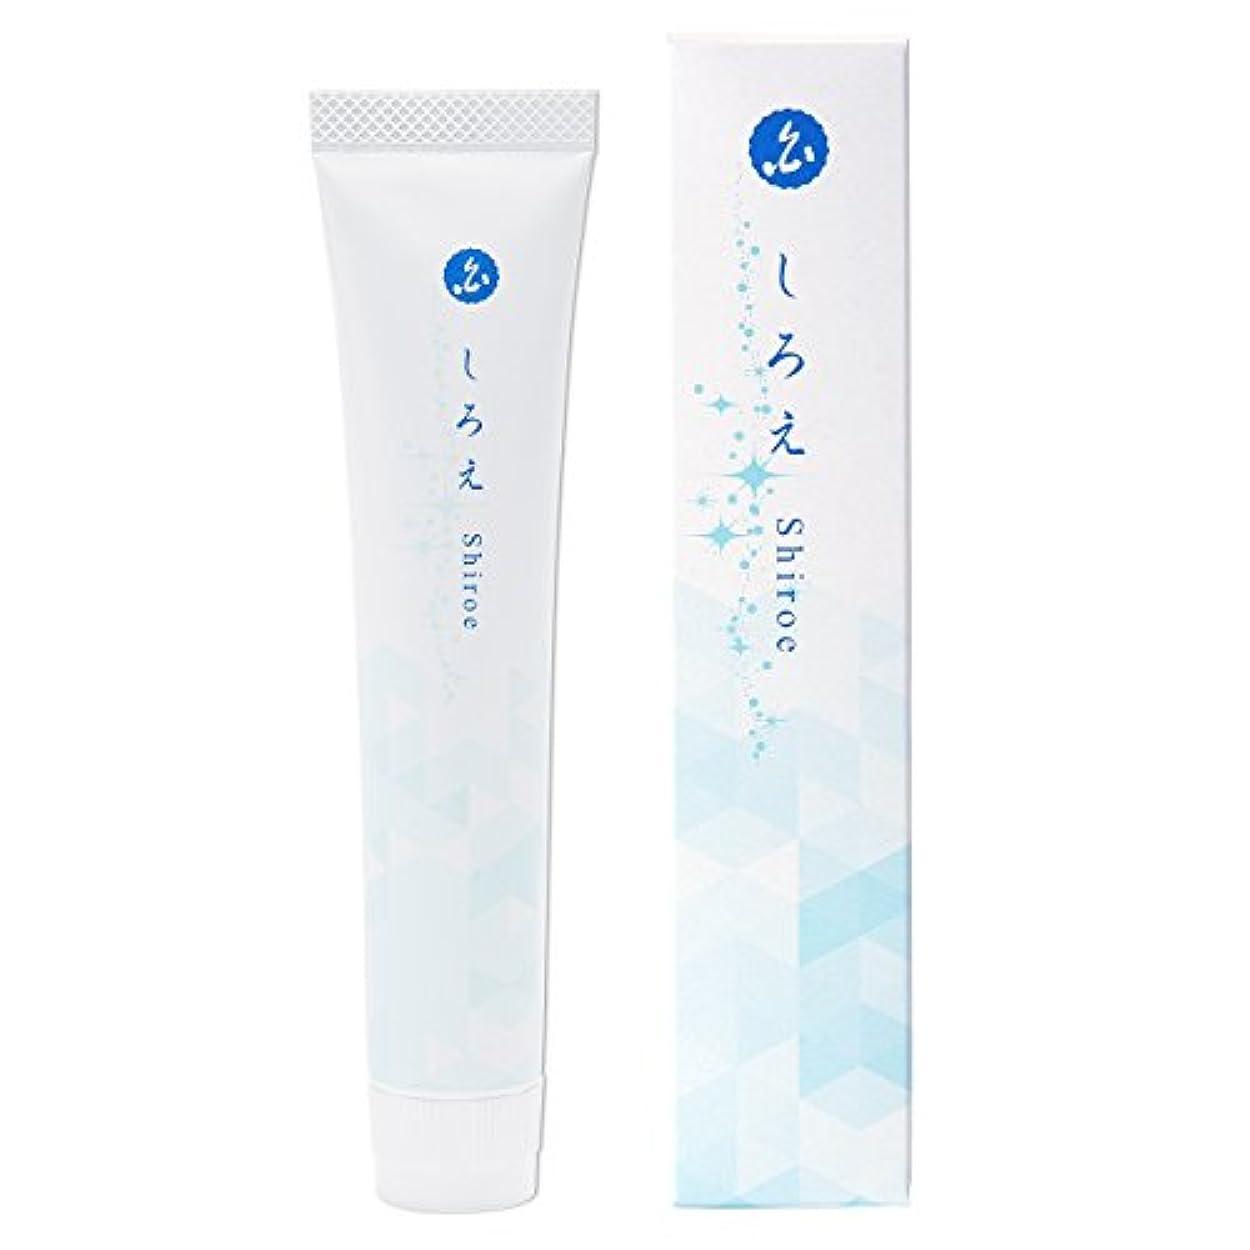 乱暴な誘う意気込みしろえ 歯磨きジェル 薬用 ホワイトニング歯磨き粉 医薬部外品 はみがき粉 50g 日本製